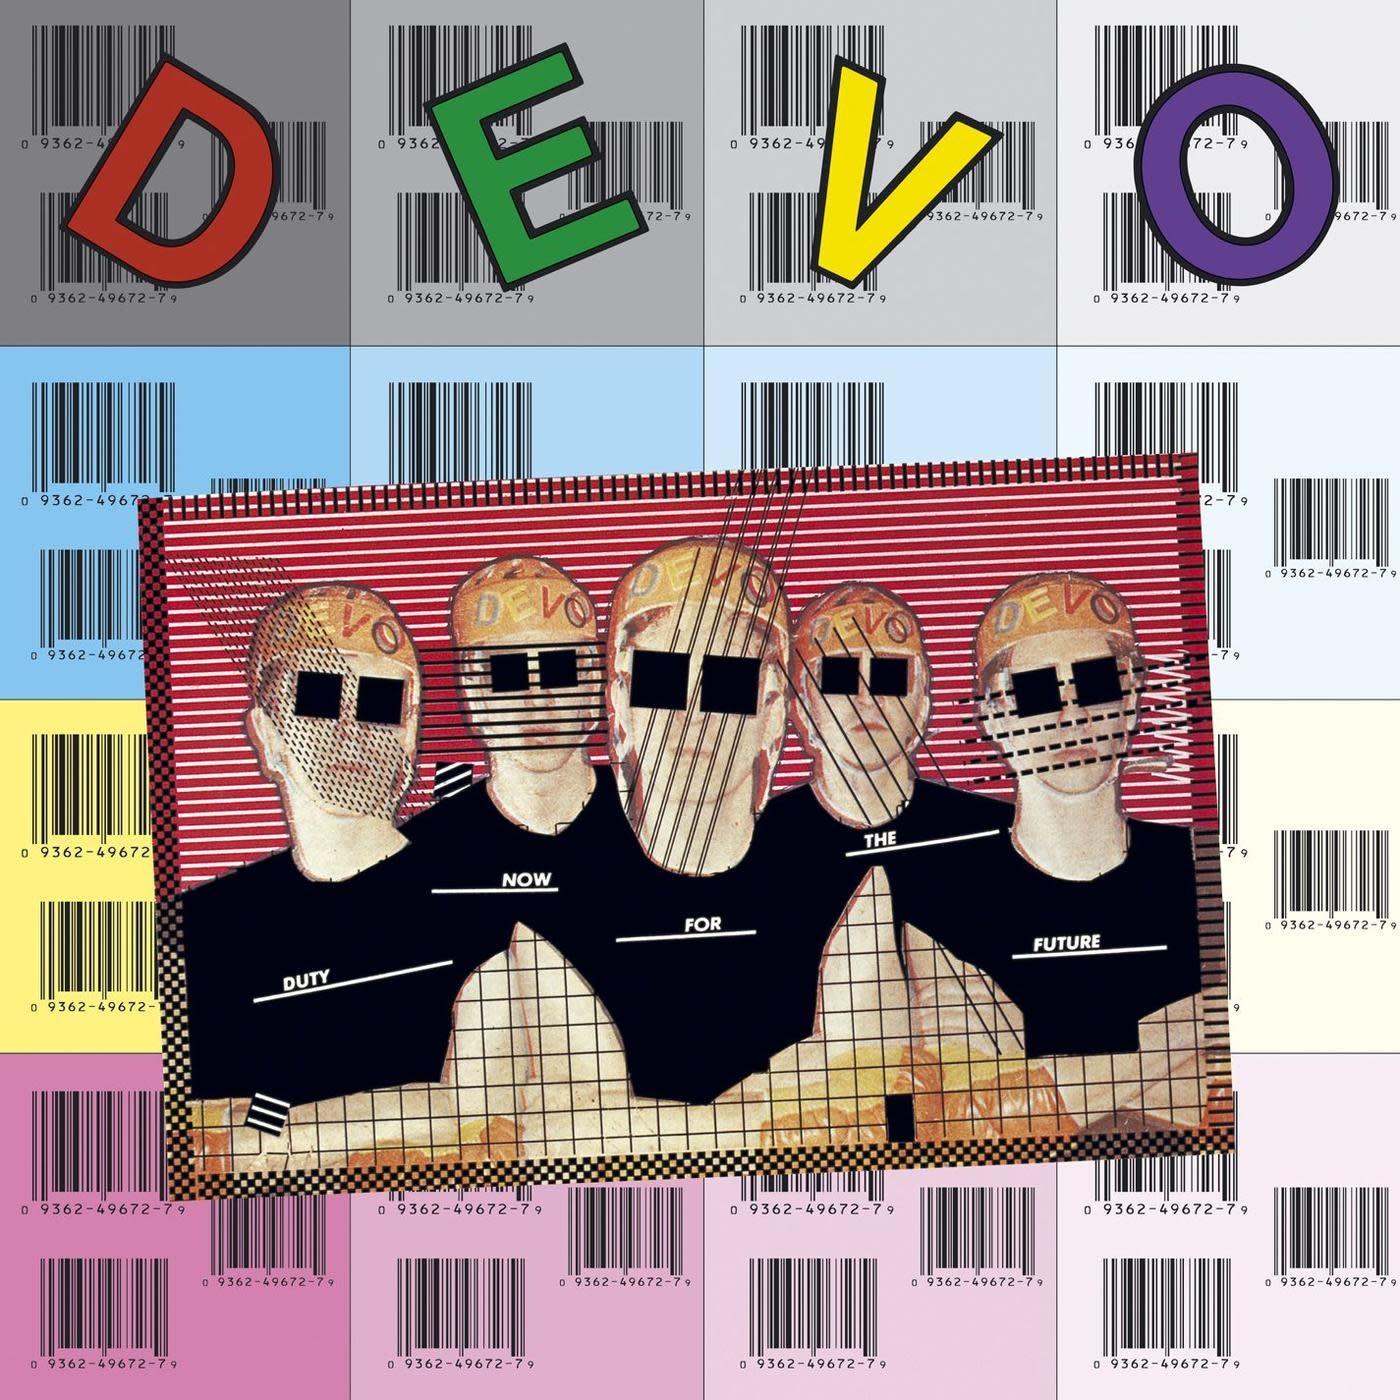 Devo • Duty Now For the Future (Édition couleur limitée)-1